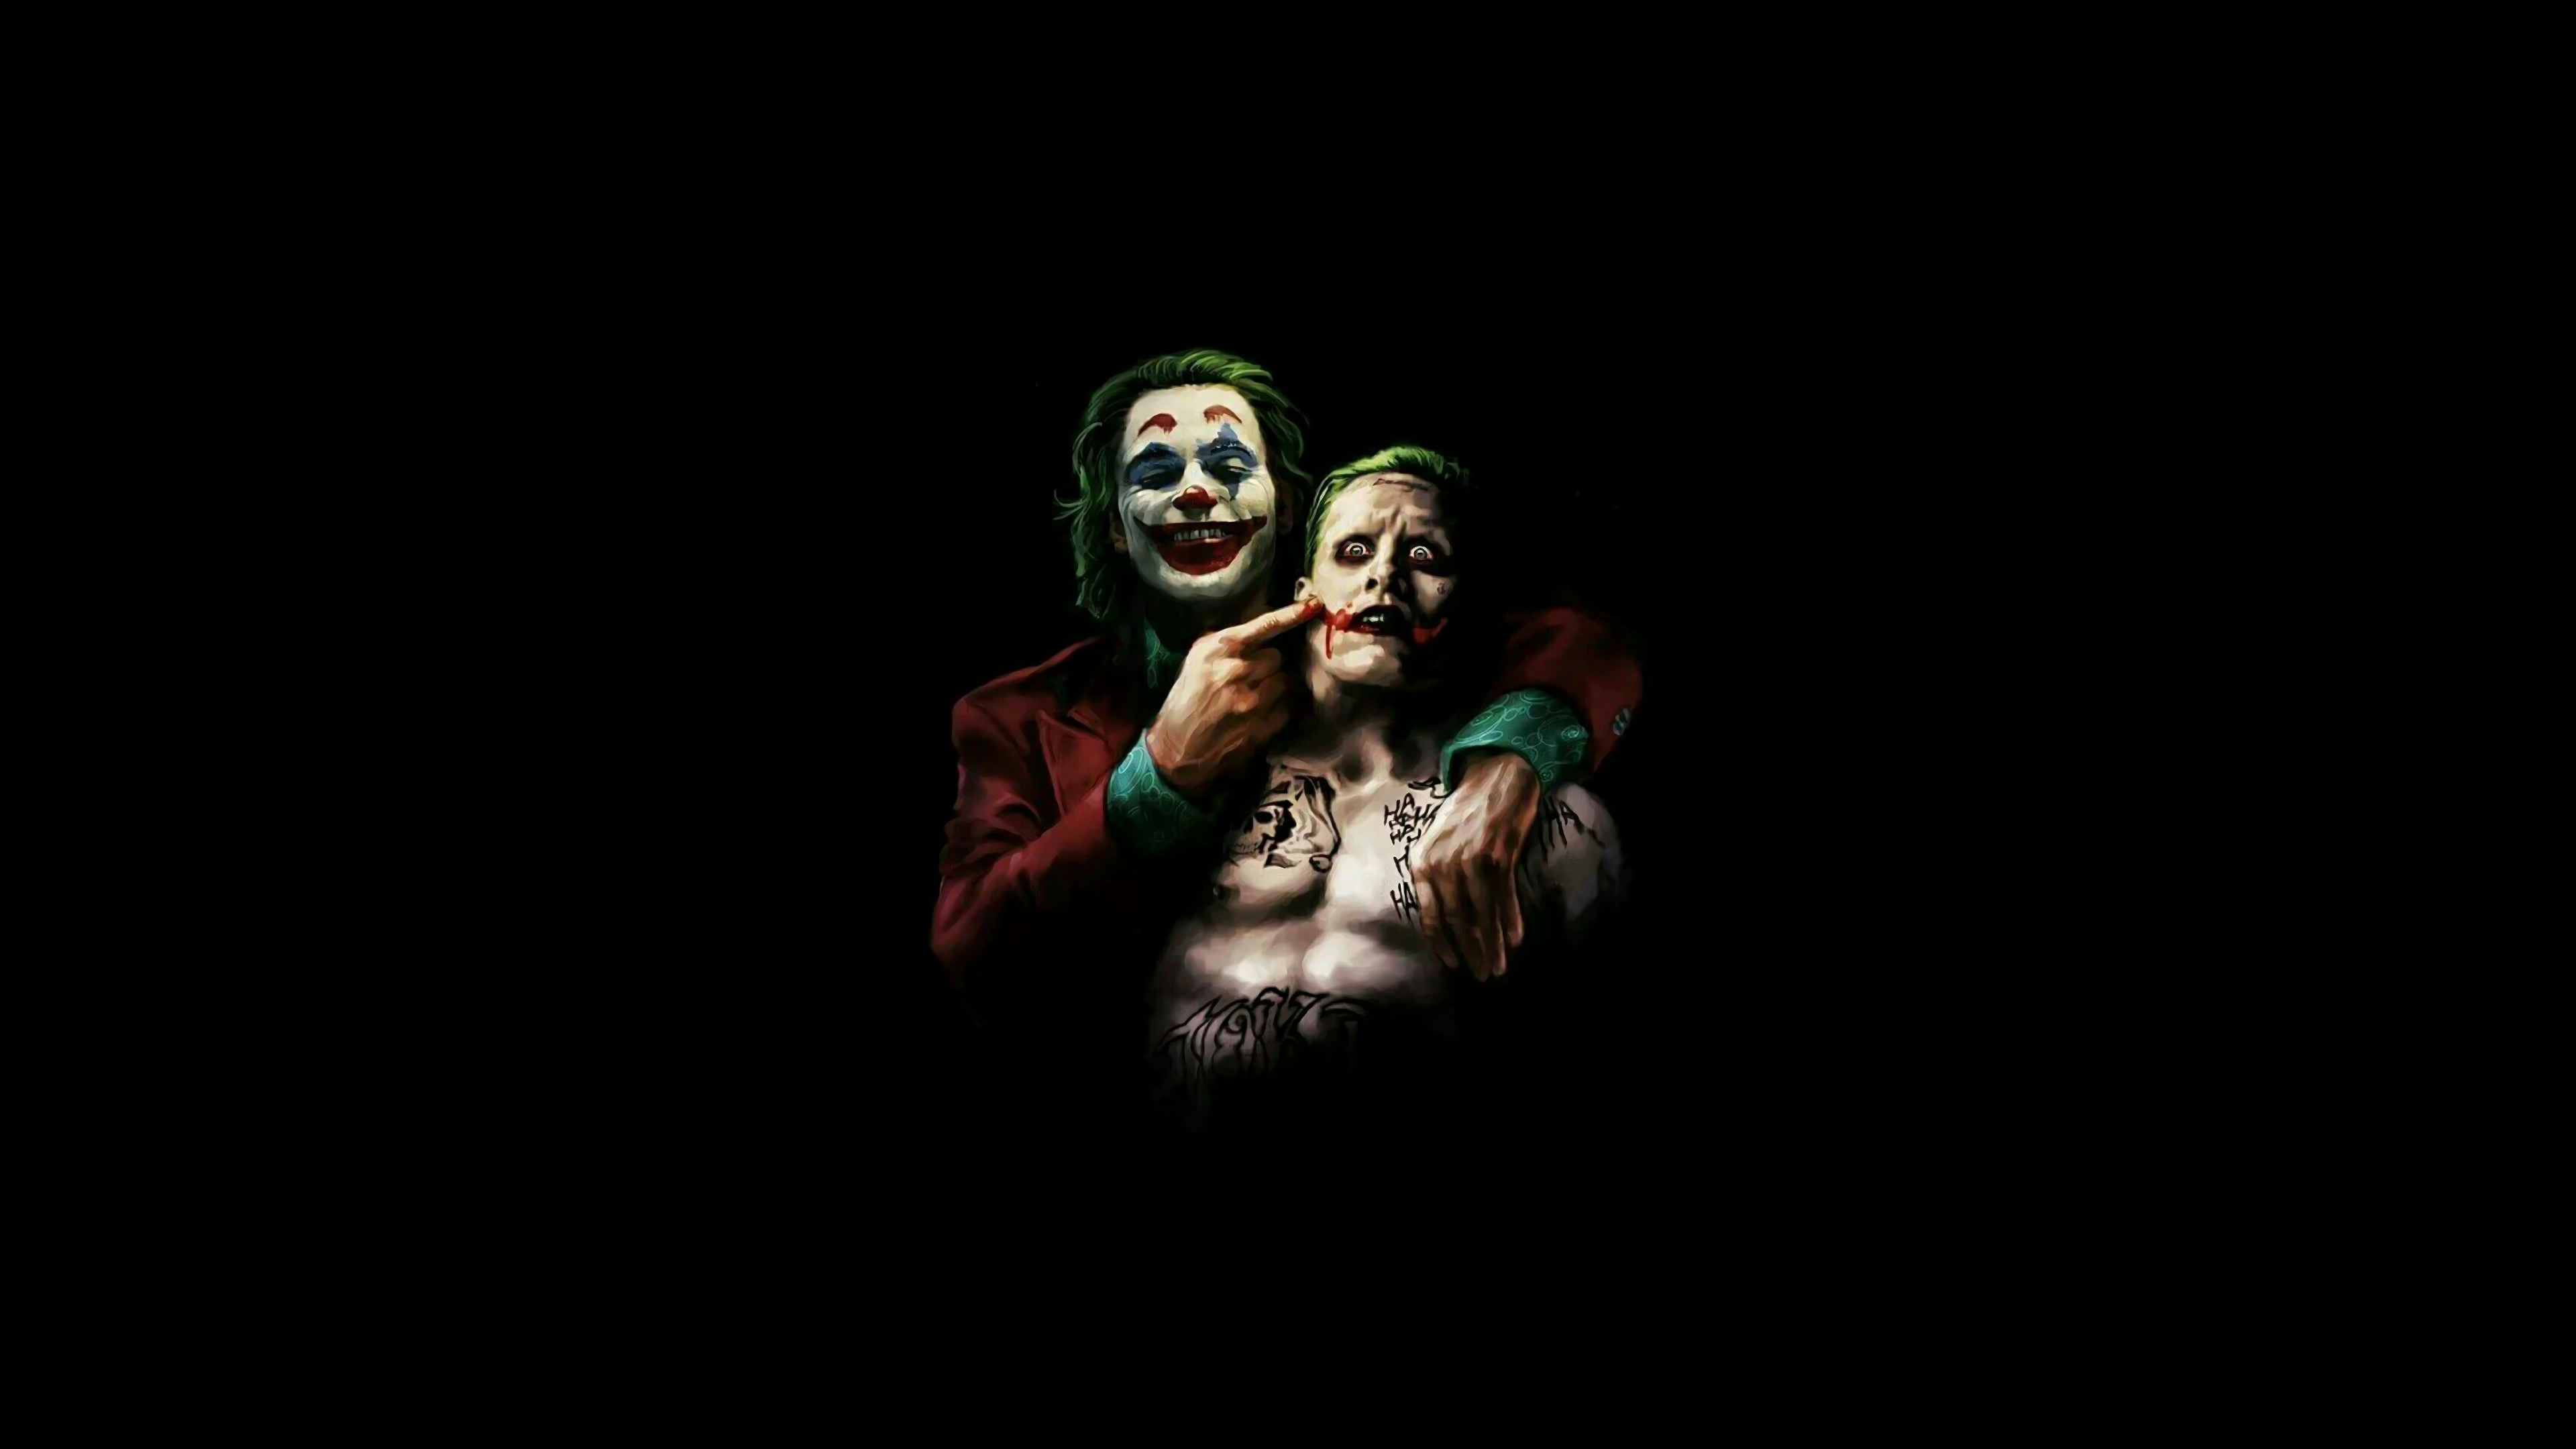 Joker, 2019, Juaquin Phoenix, Jared Leto, 4K, #1 Wallpaper